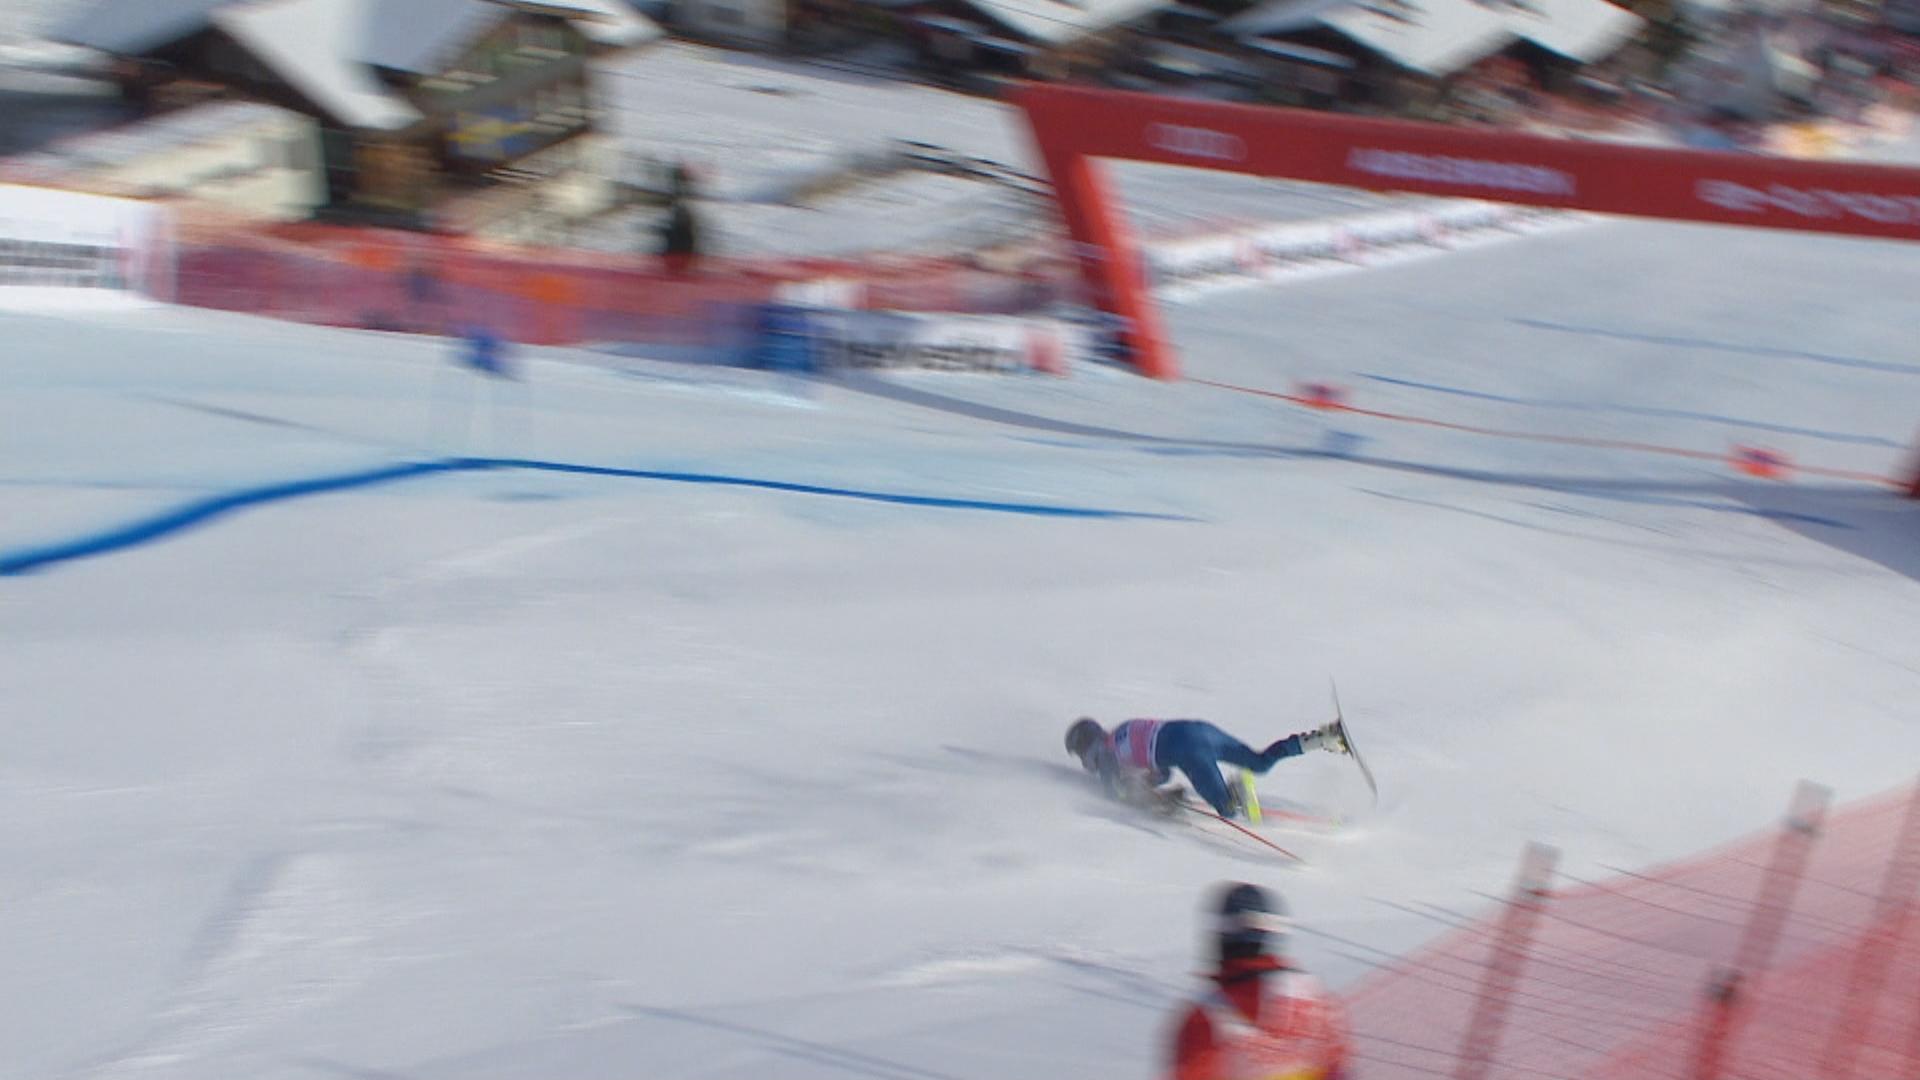 Poznate težine ozljeda američkog skijaša nakon jučerašnjeg teškog pada